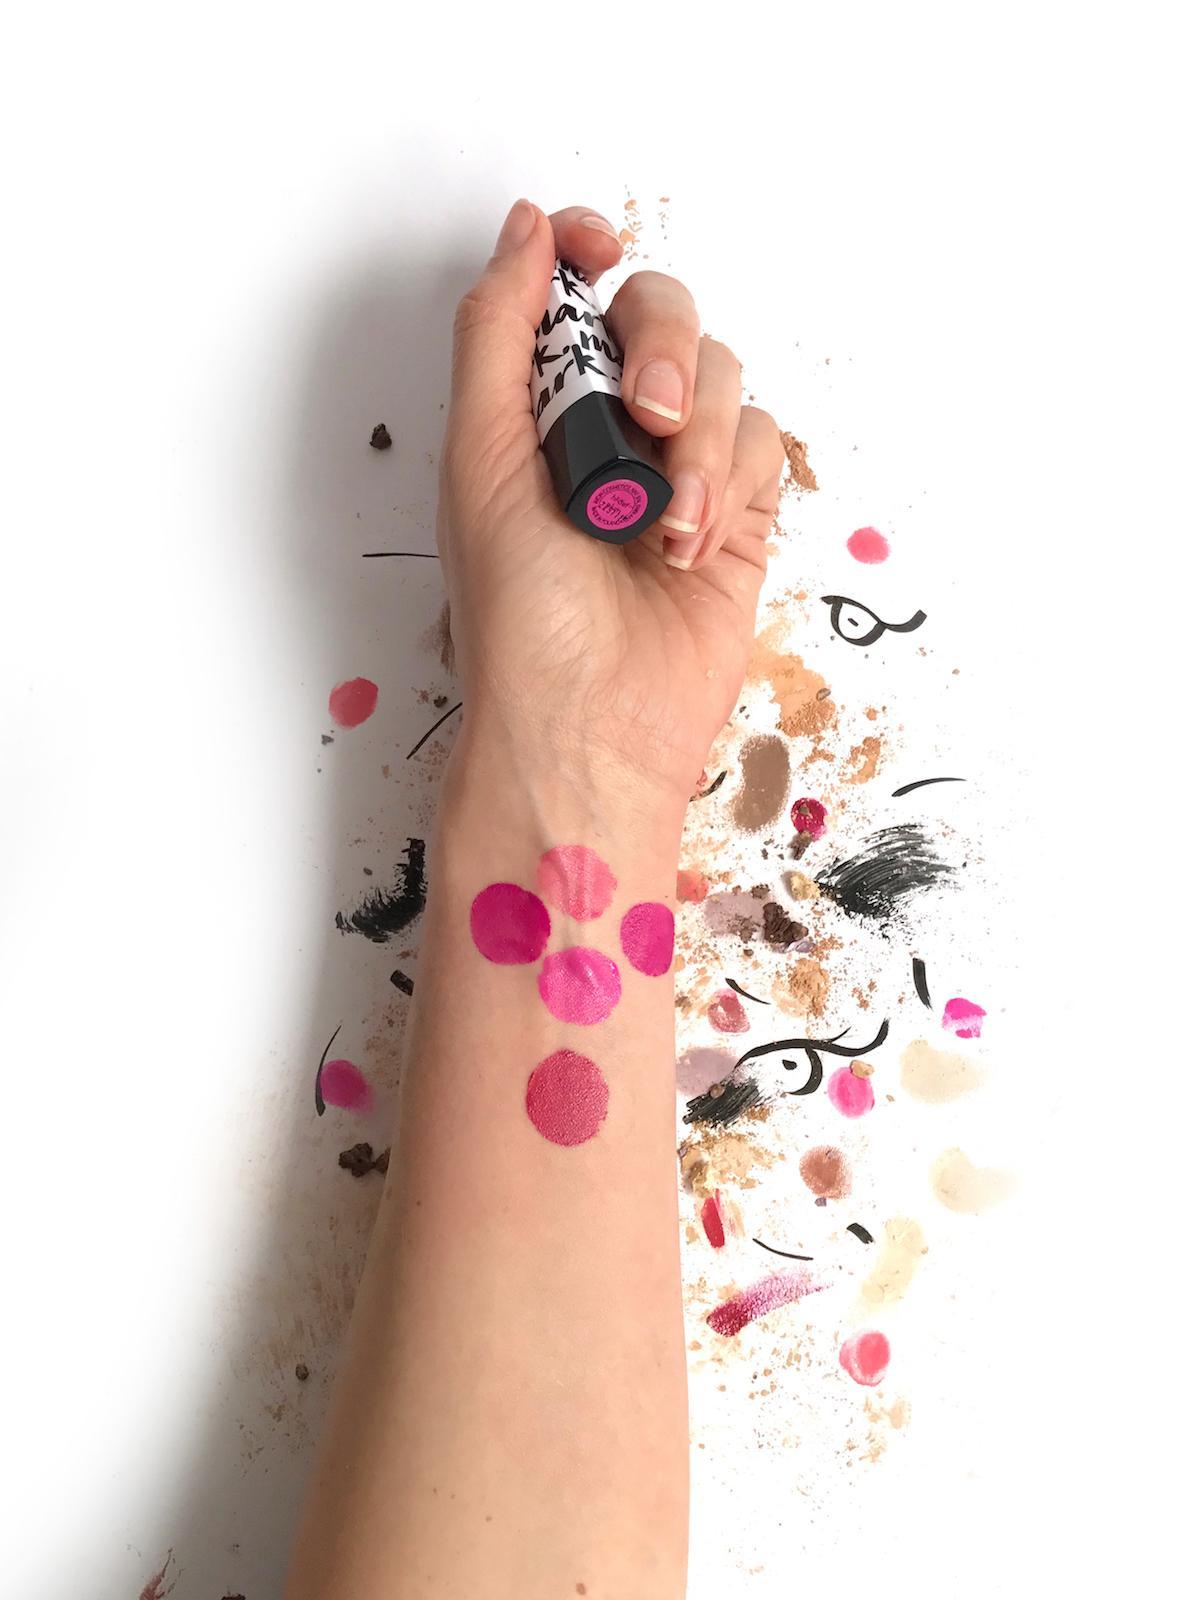 Avon Mark Lipstick Pink Tones Swatches Beautyfullblog